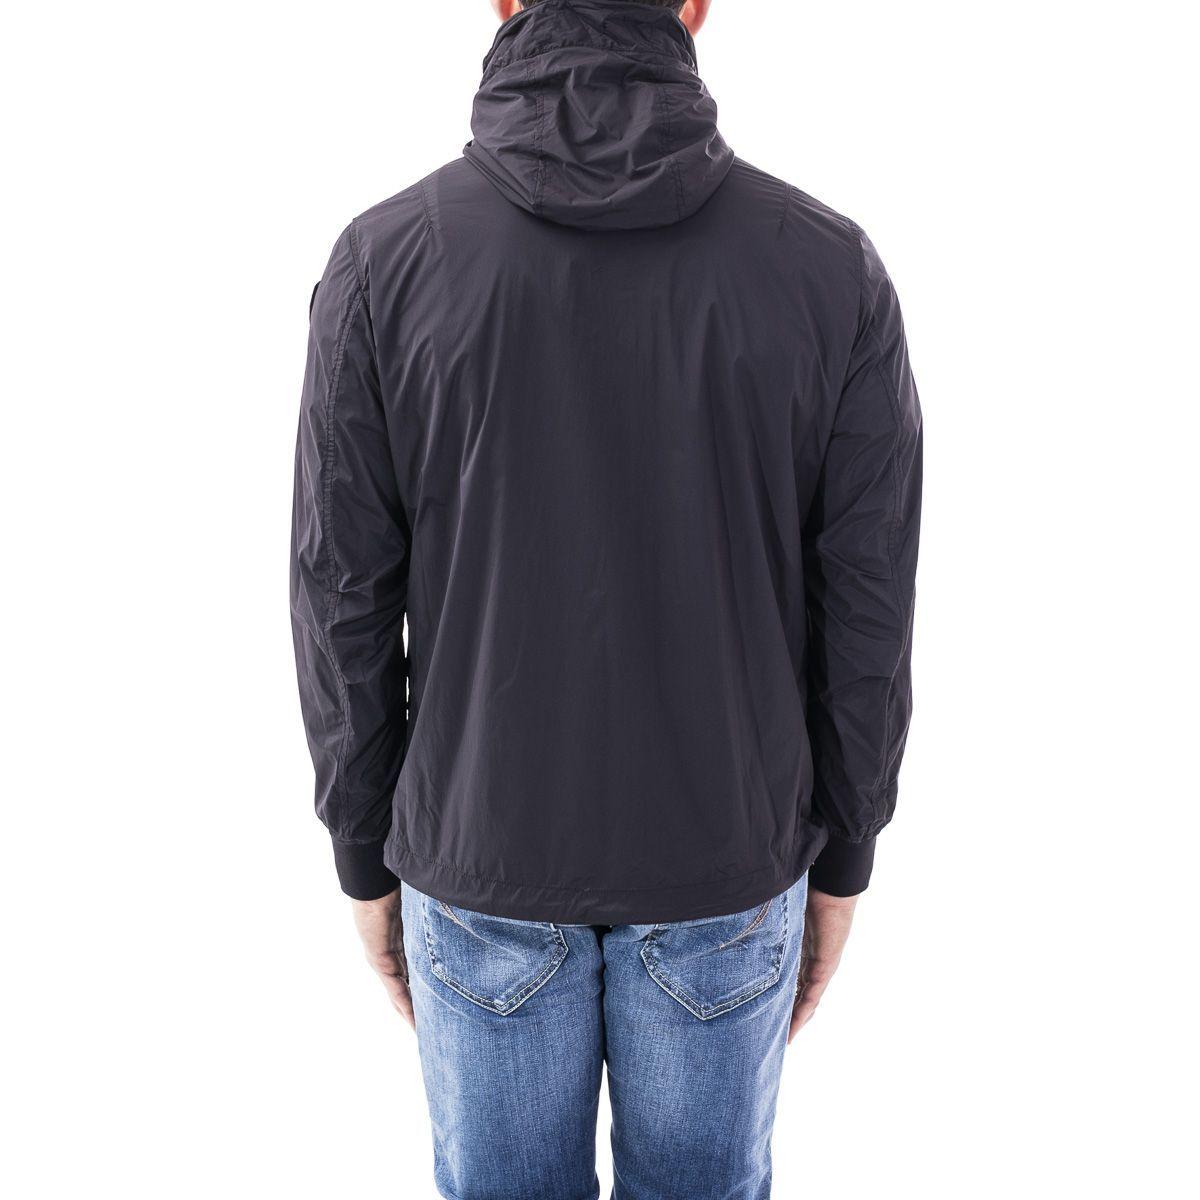 BLAUER MEN'S 20SBLUC04046005250999 BLACK POLYAMIDE OUTERWEAR JACKET